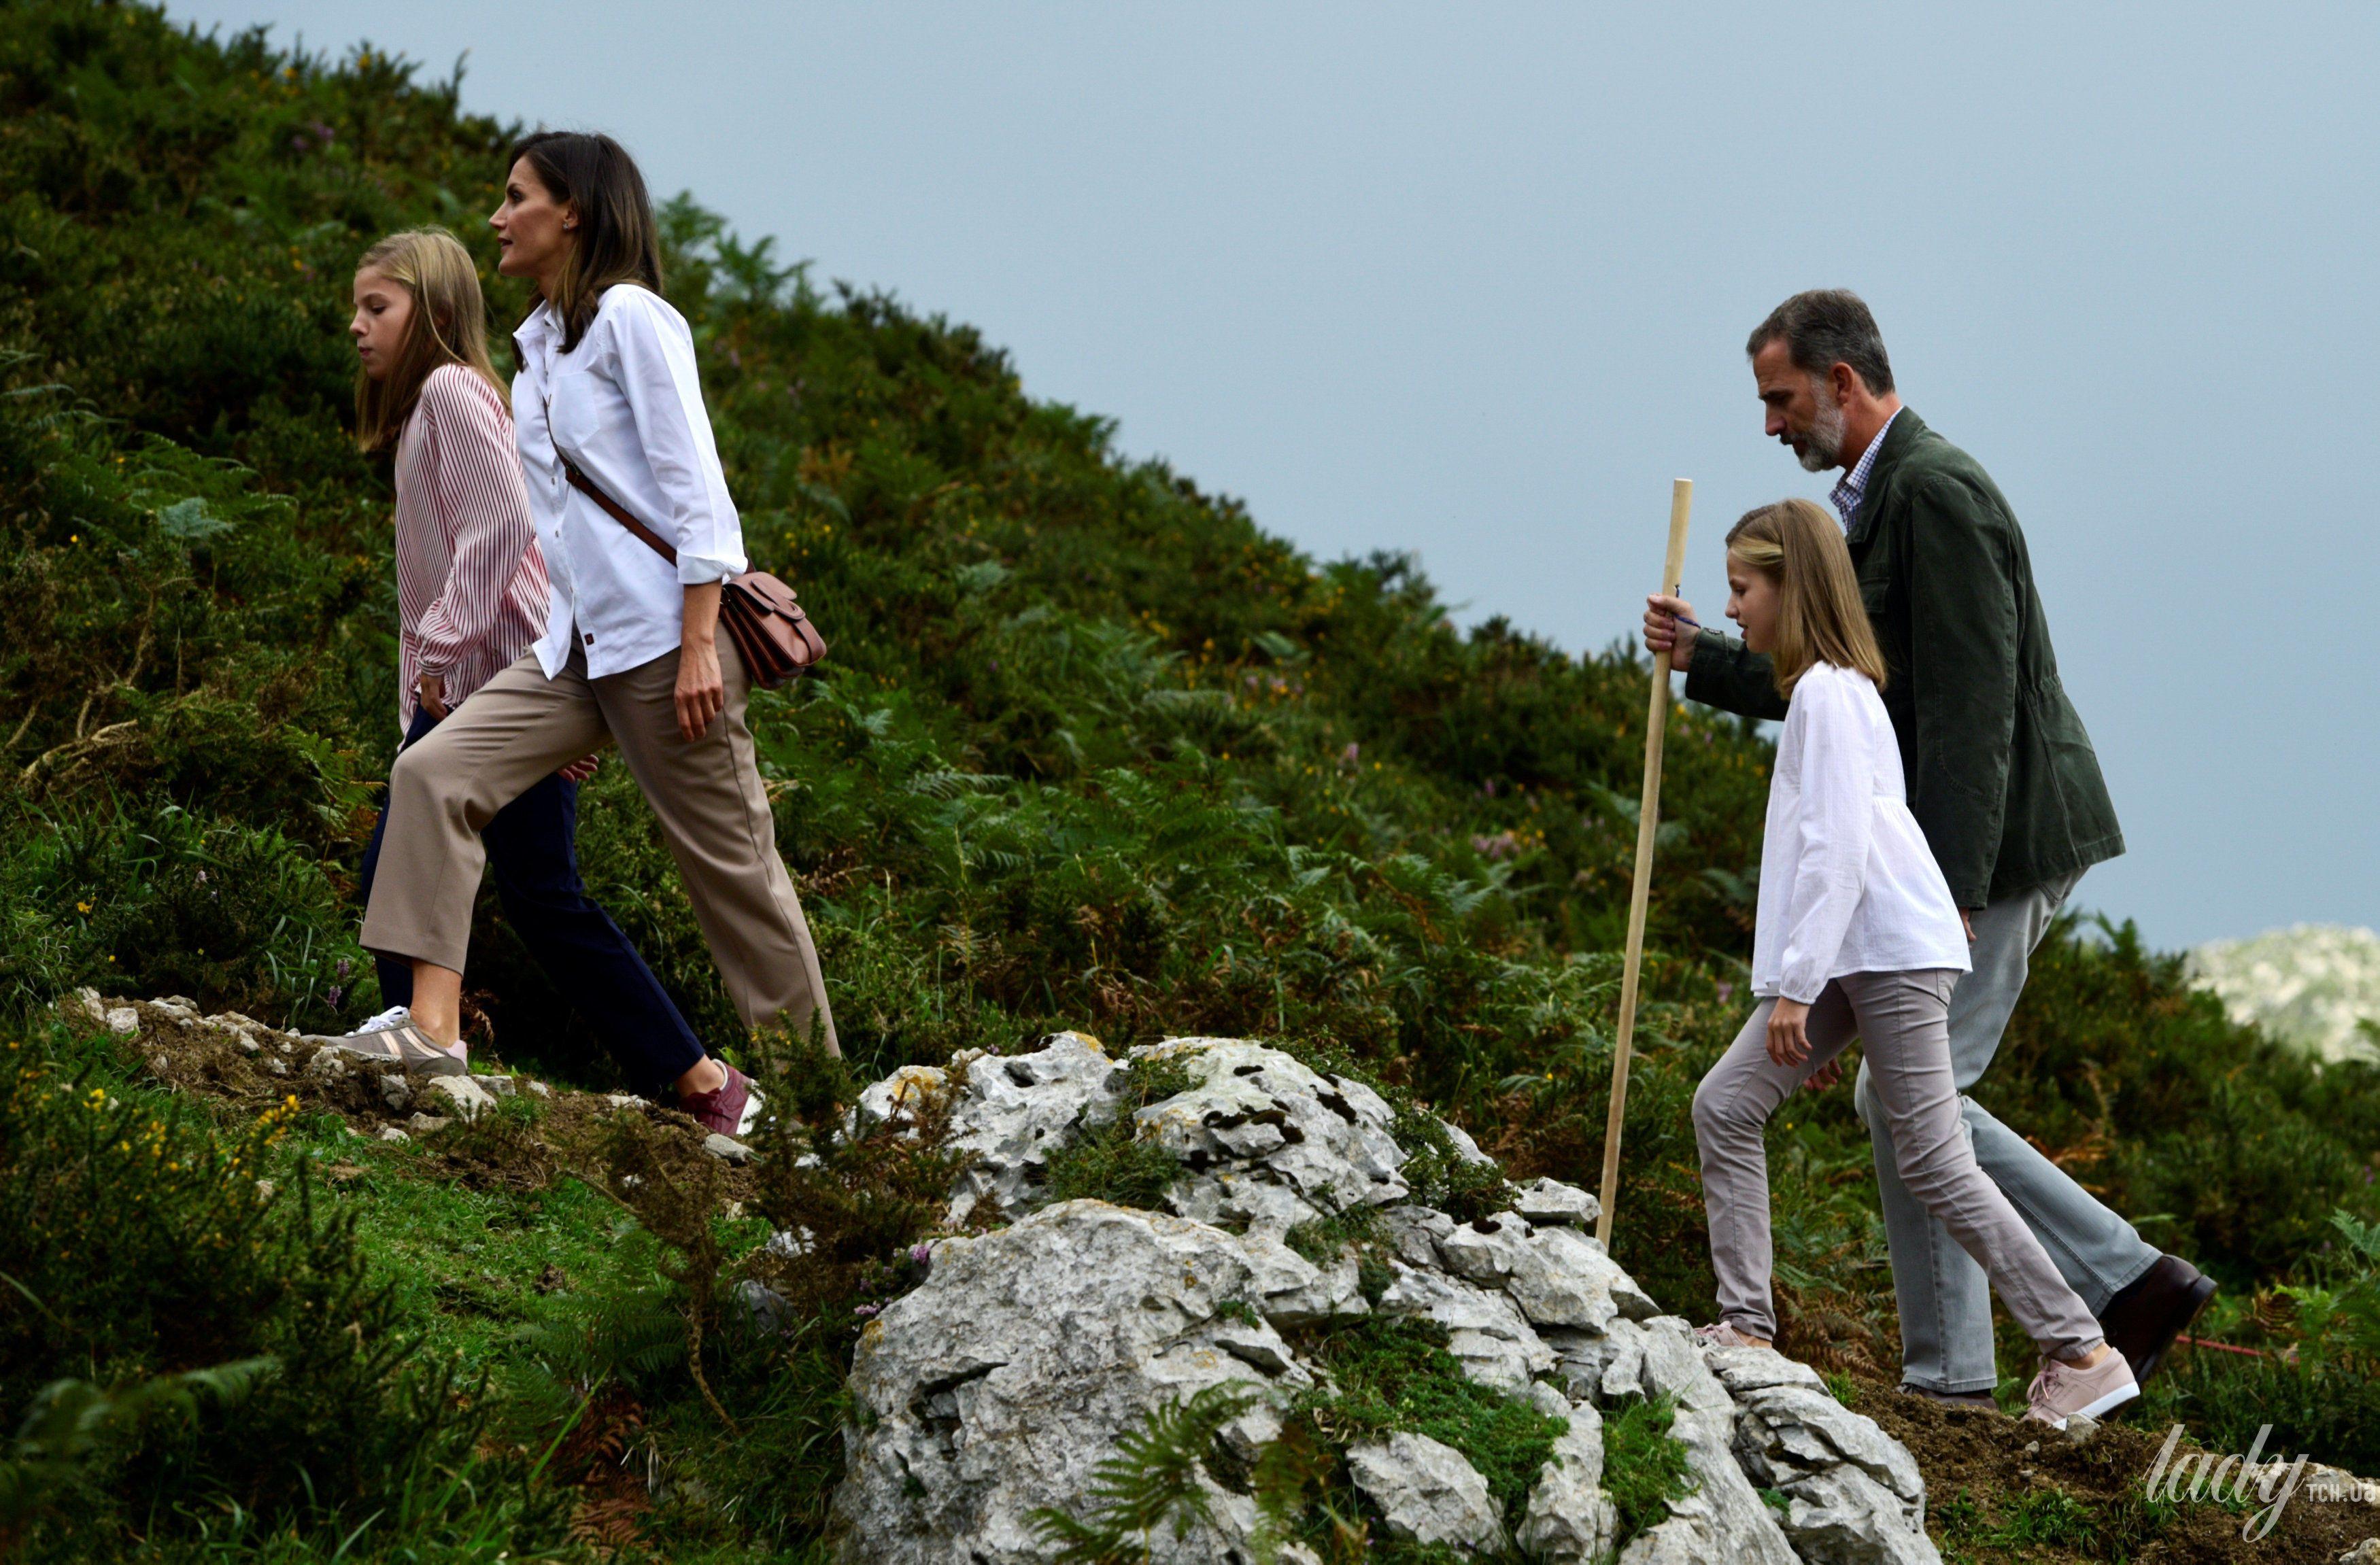 Испанская королевская семья: король Филипп, королева Летиция, принцессы Леонор и София_2